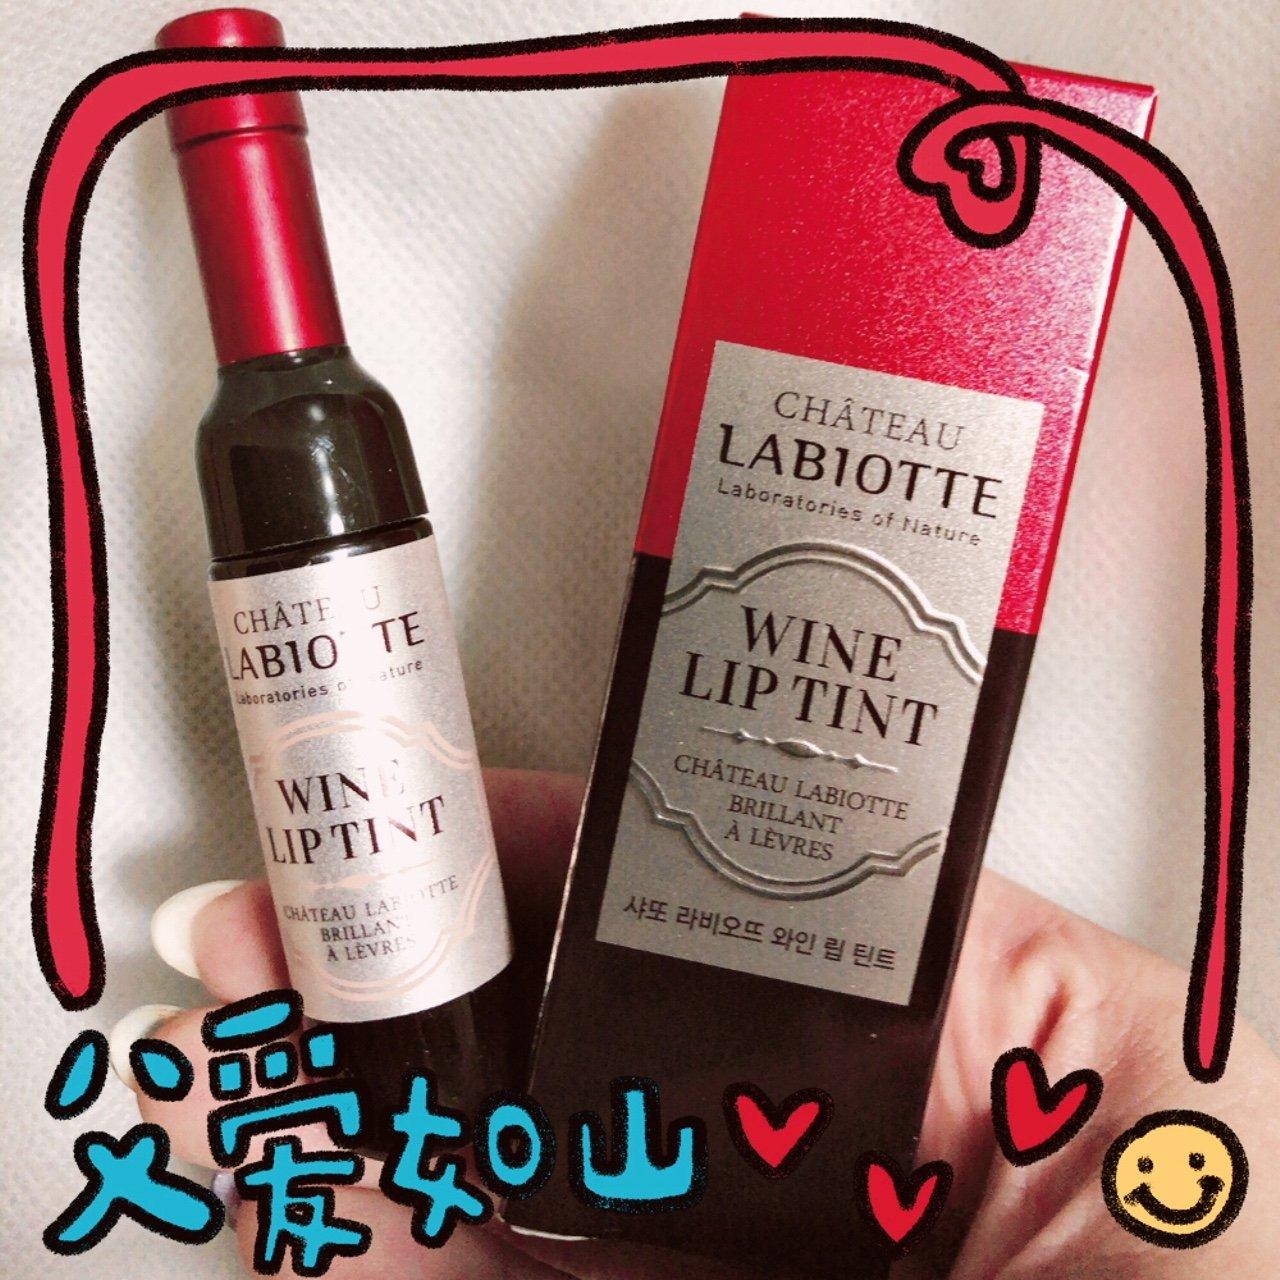 見た目が可愛くて買ったリップ♪ワインの形に一目惚れ(*´ω`*)近…